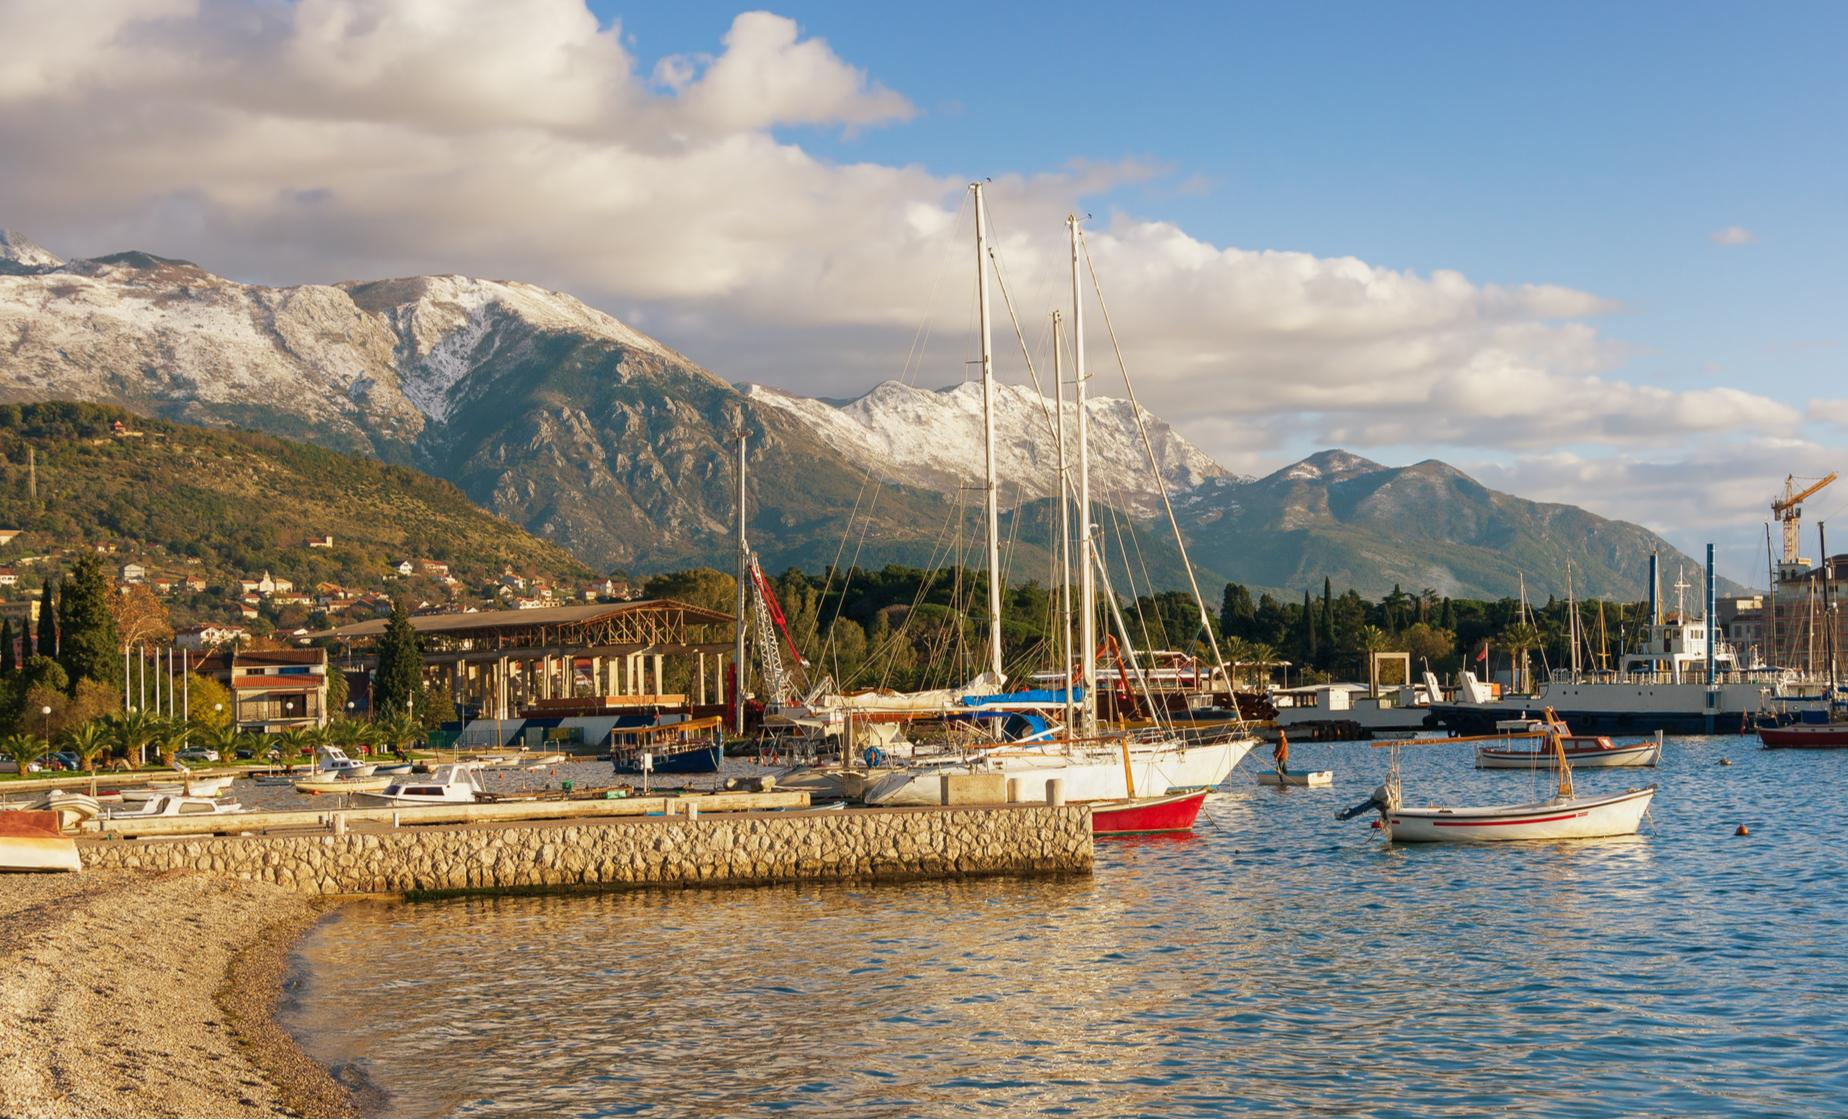 Luxurious Porto Montenegro